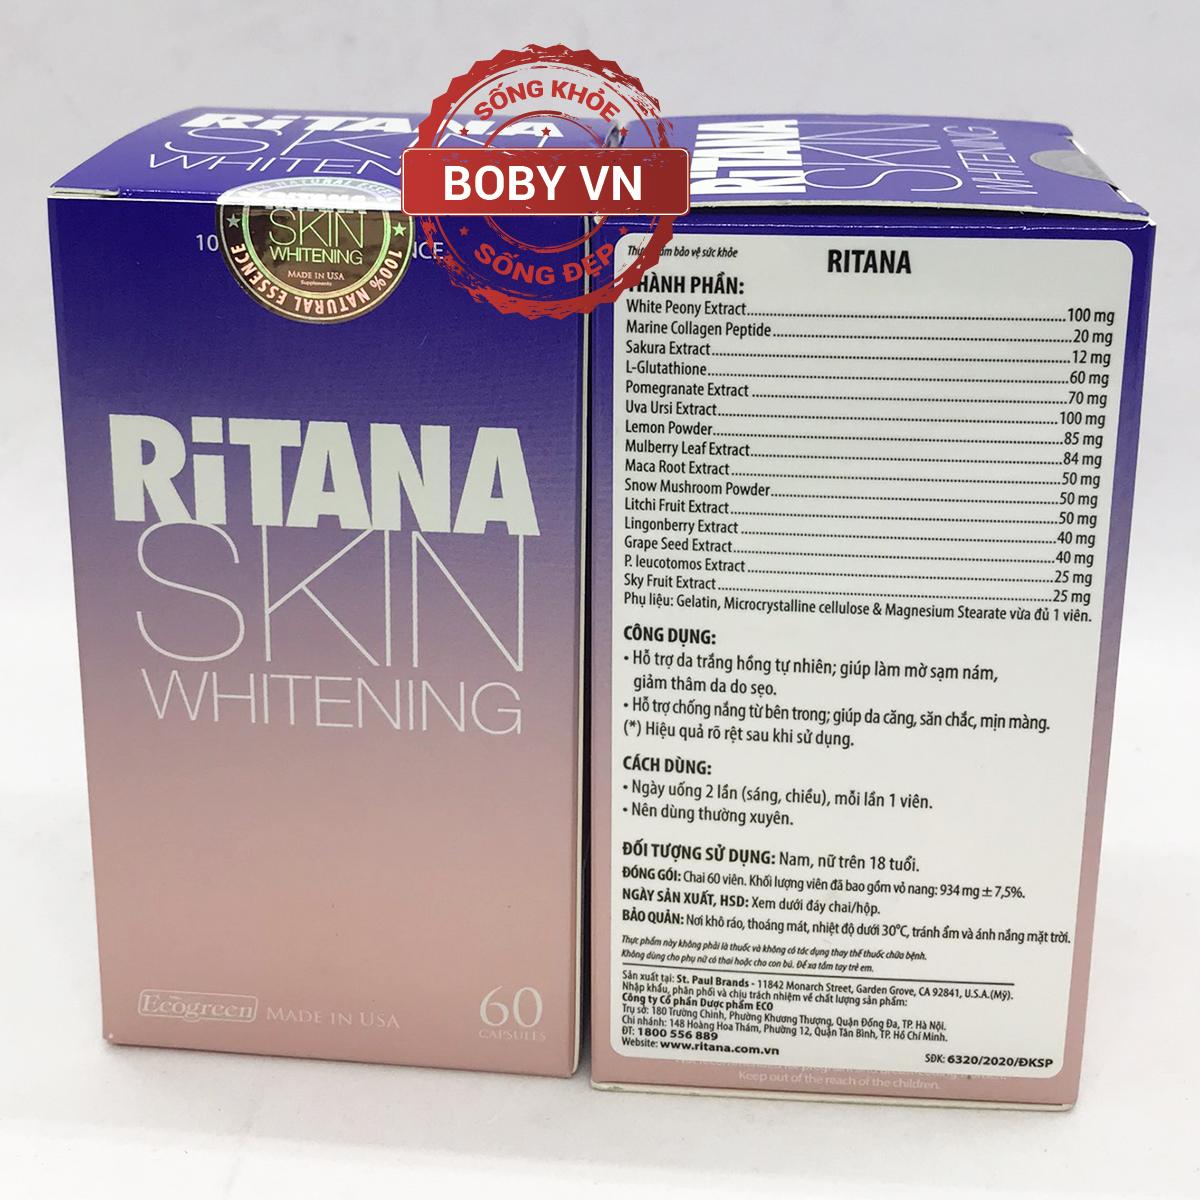 Ritana hỗ trợ da trắng hồng tự nhiên, giúp làm mờ sạm nám, giảm thâm da do sẹo - Hàng USA